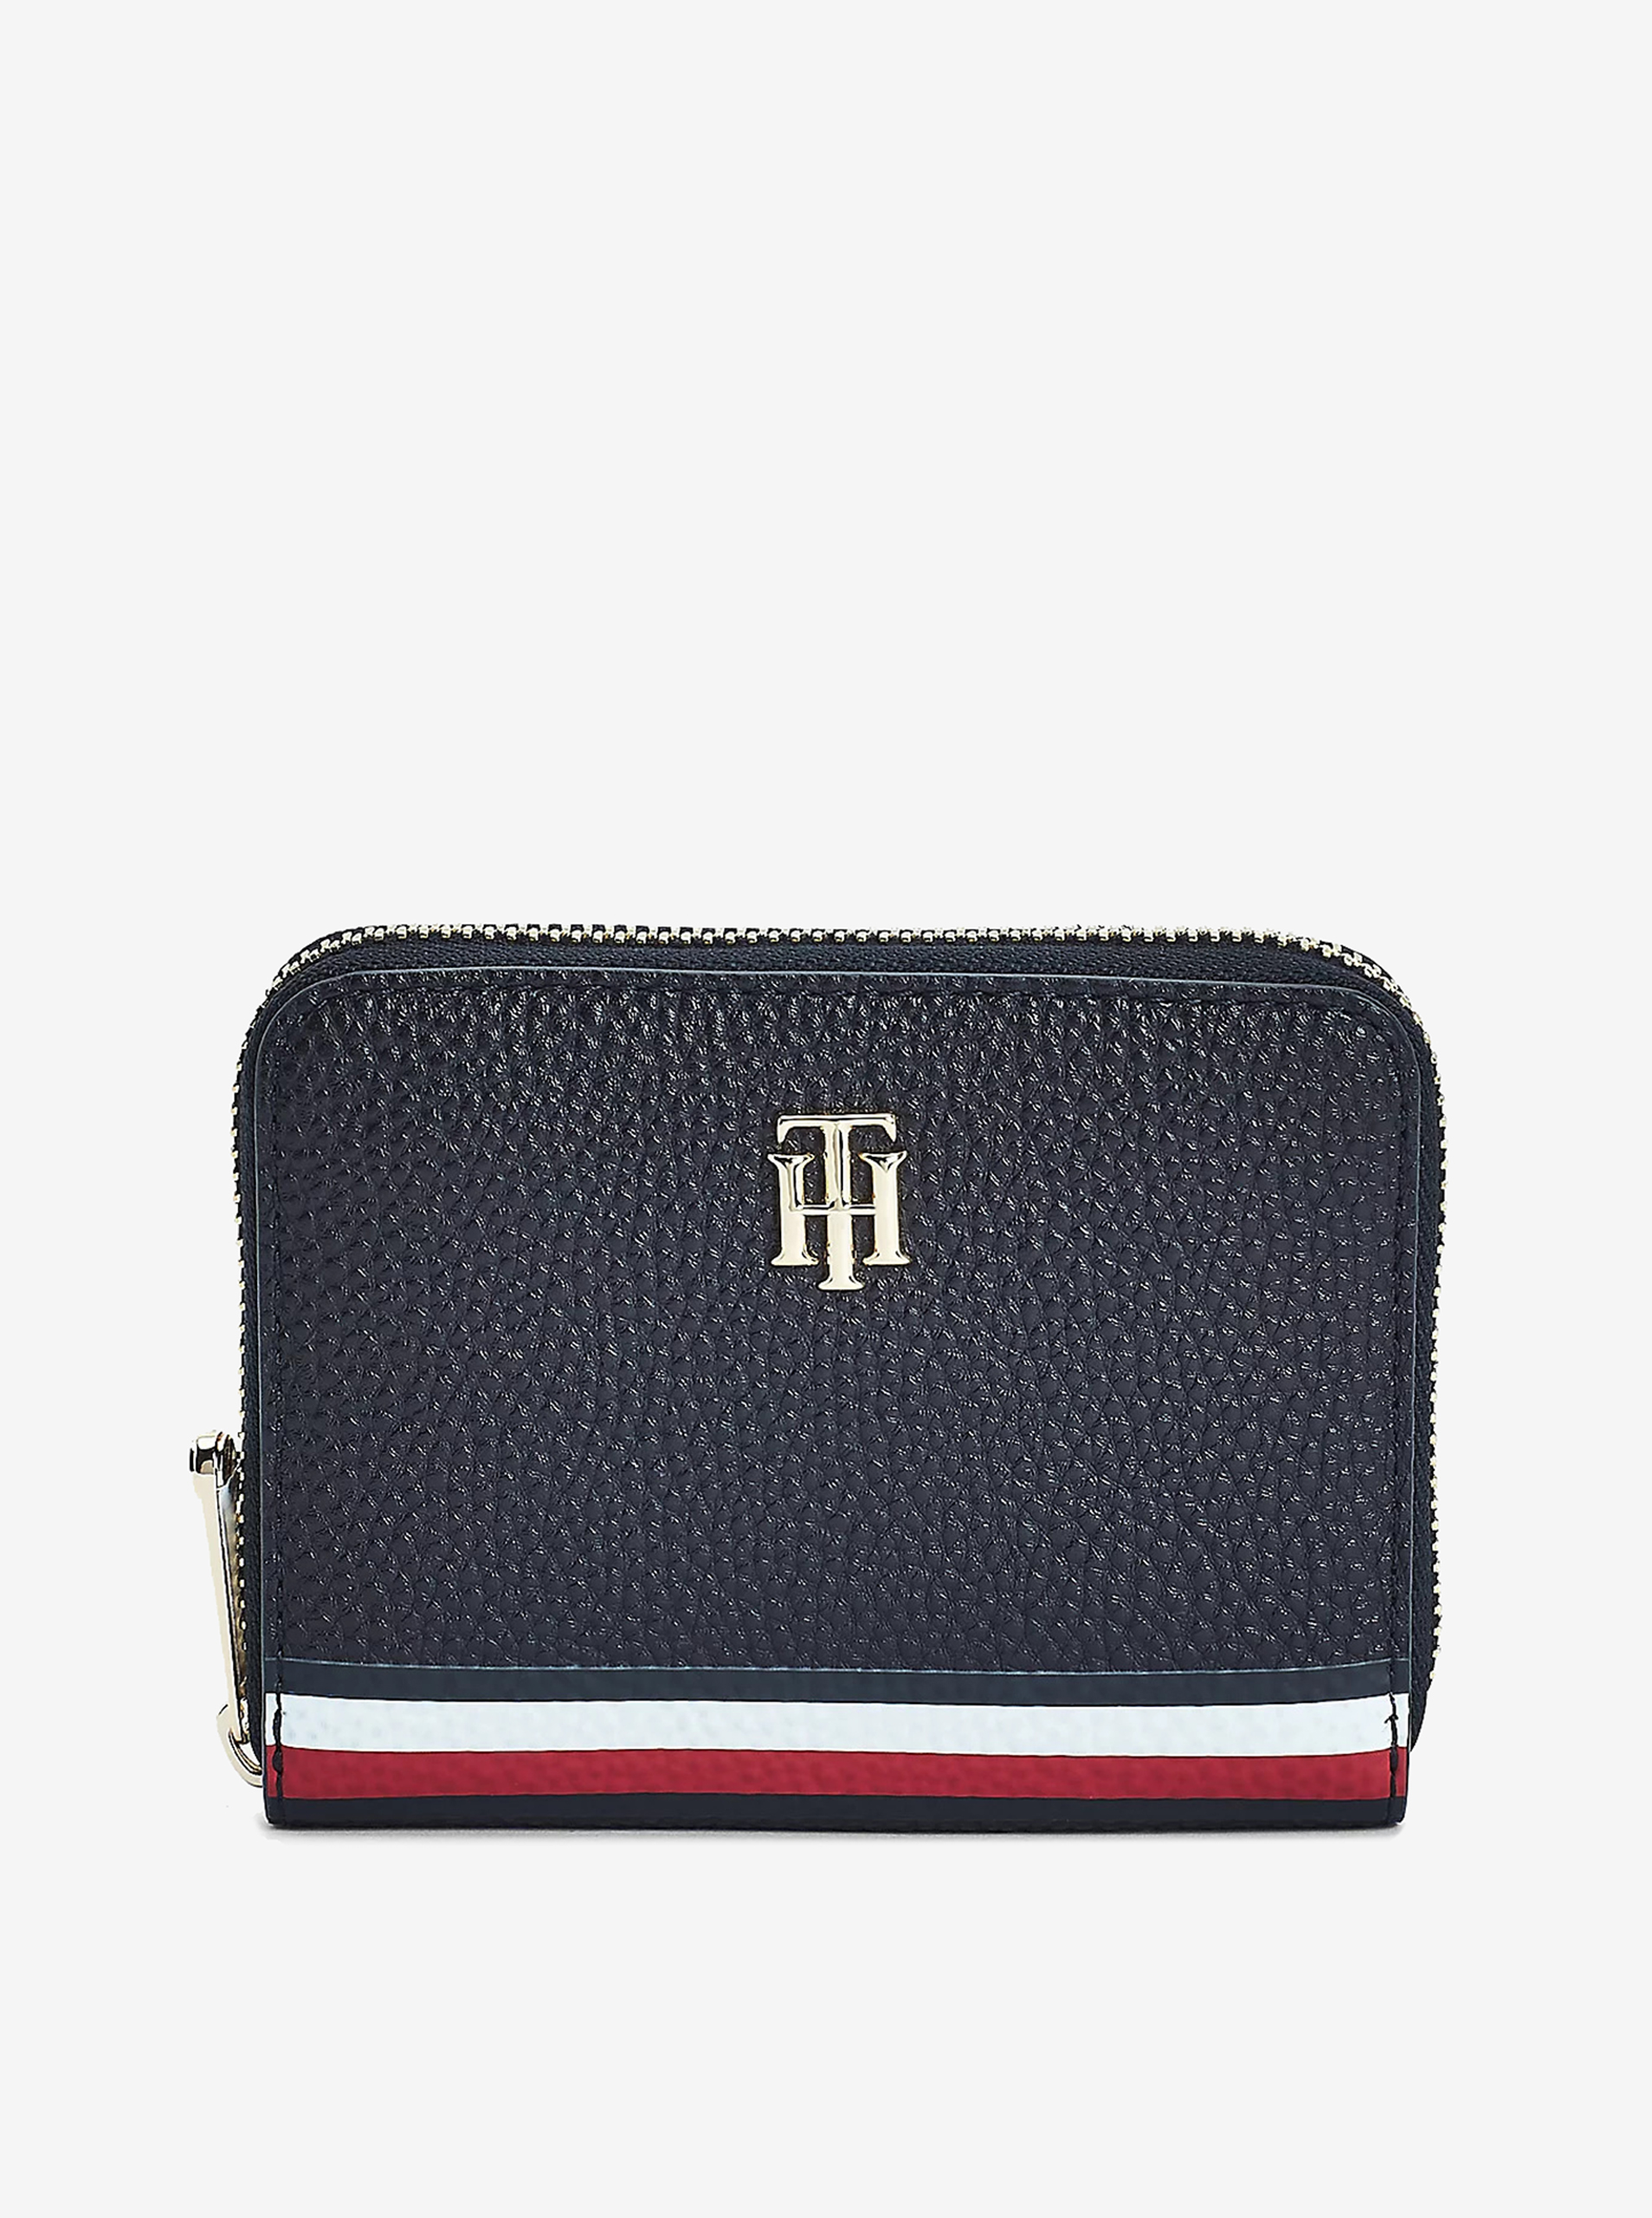 Tommy Hilfiger modrá peněženka